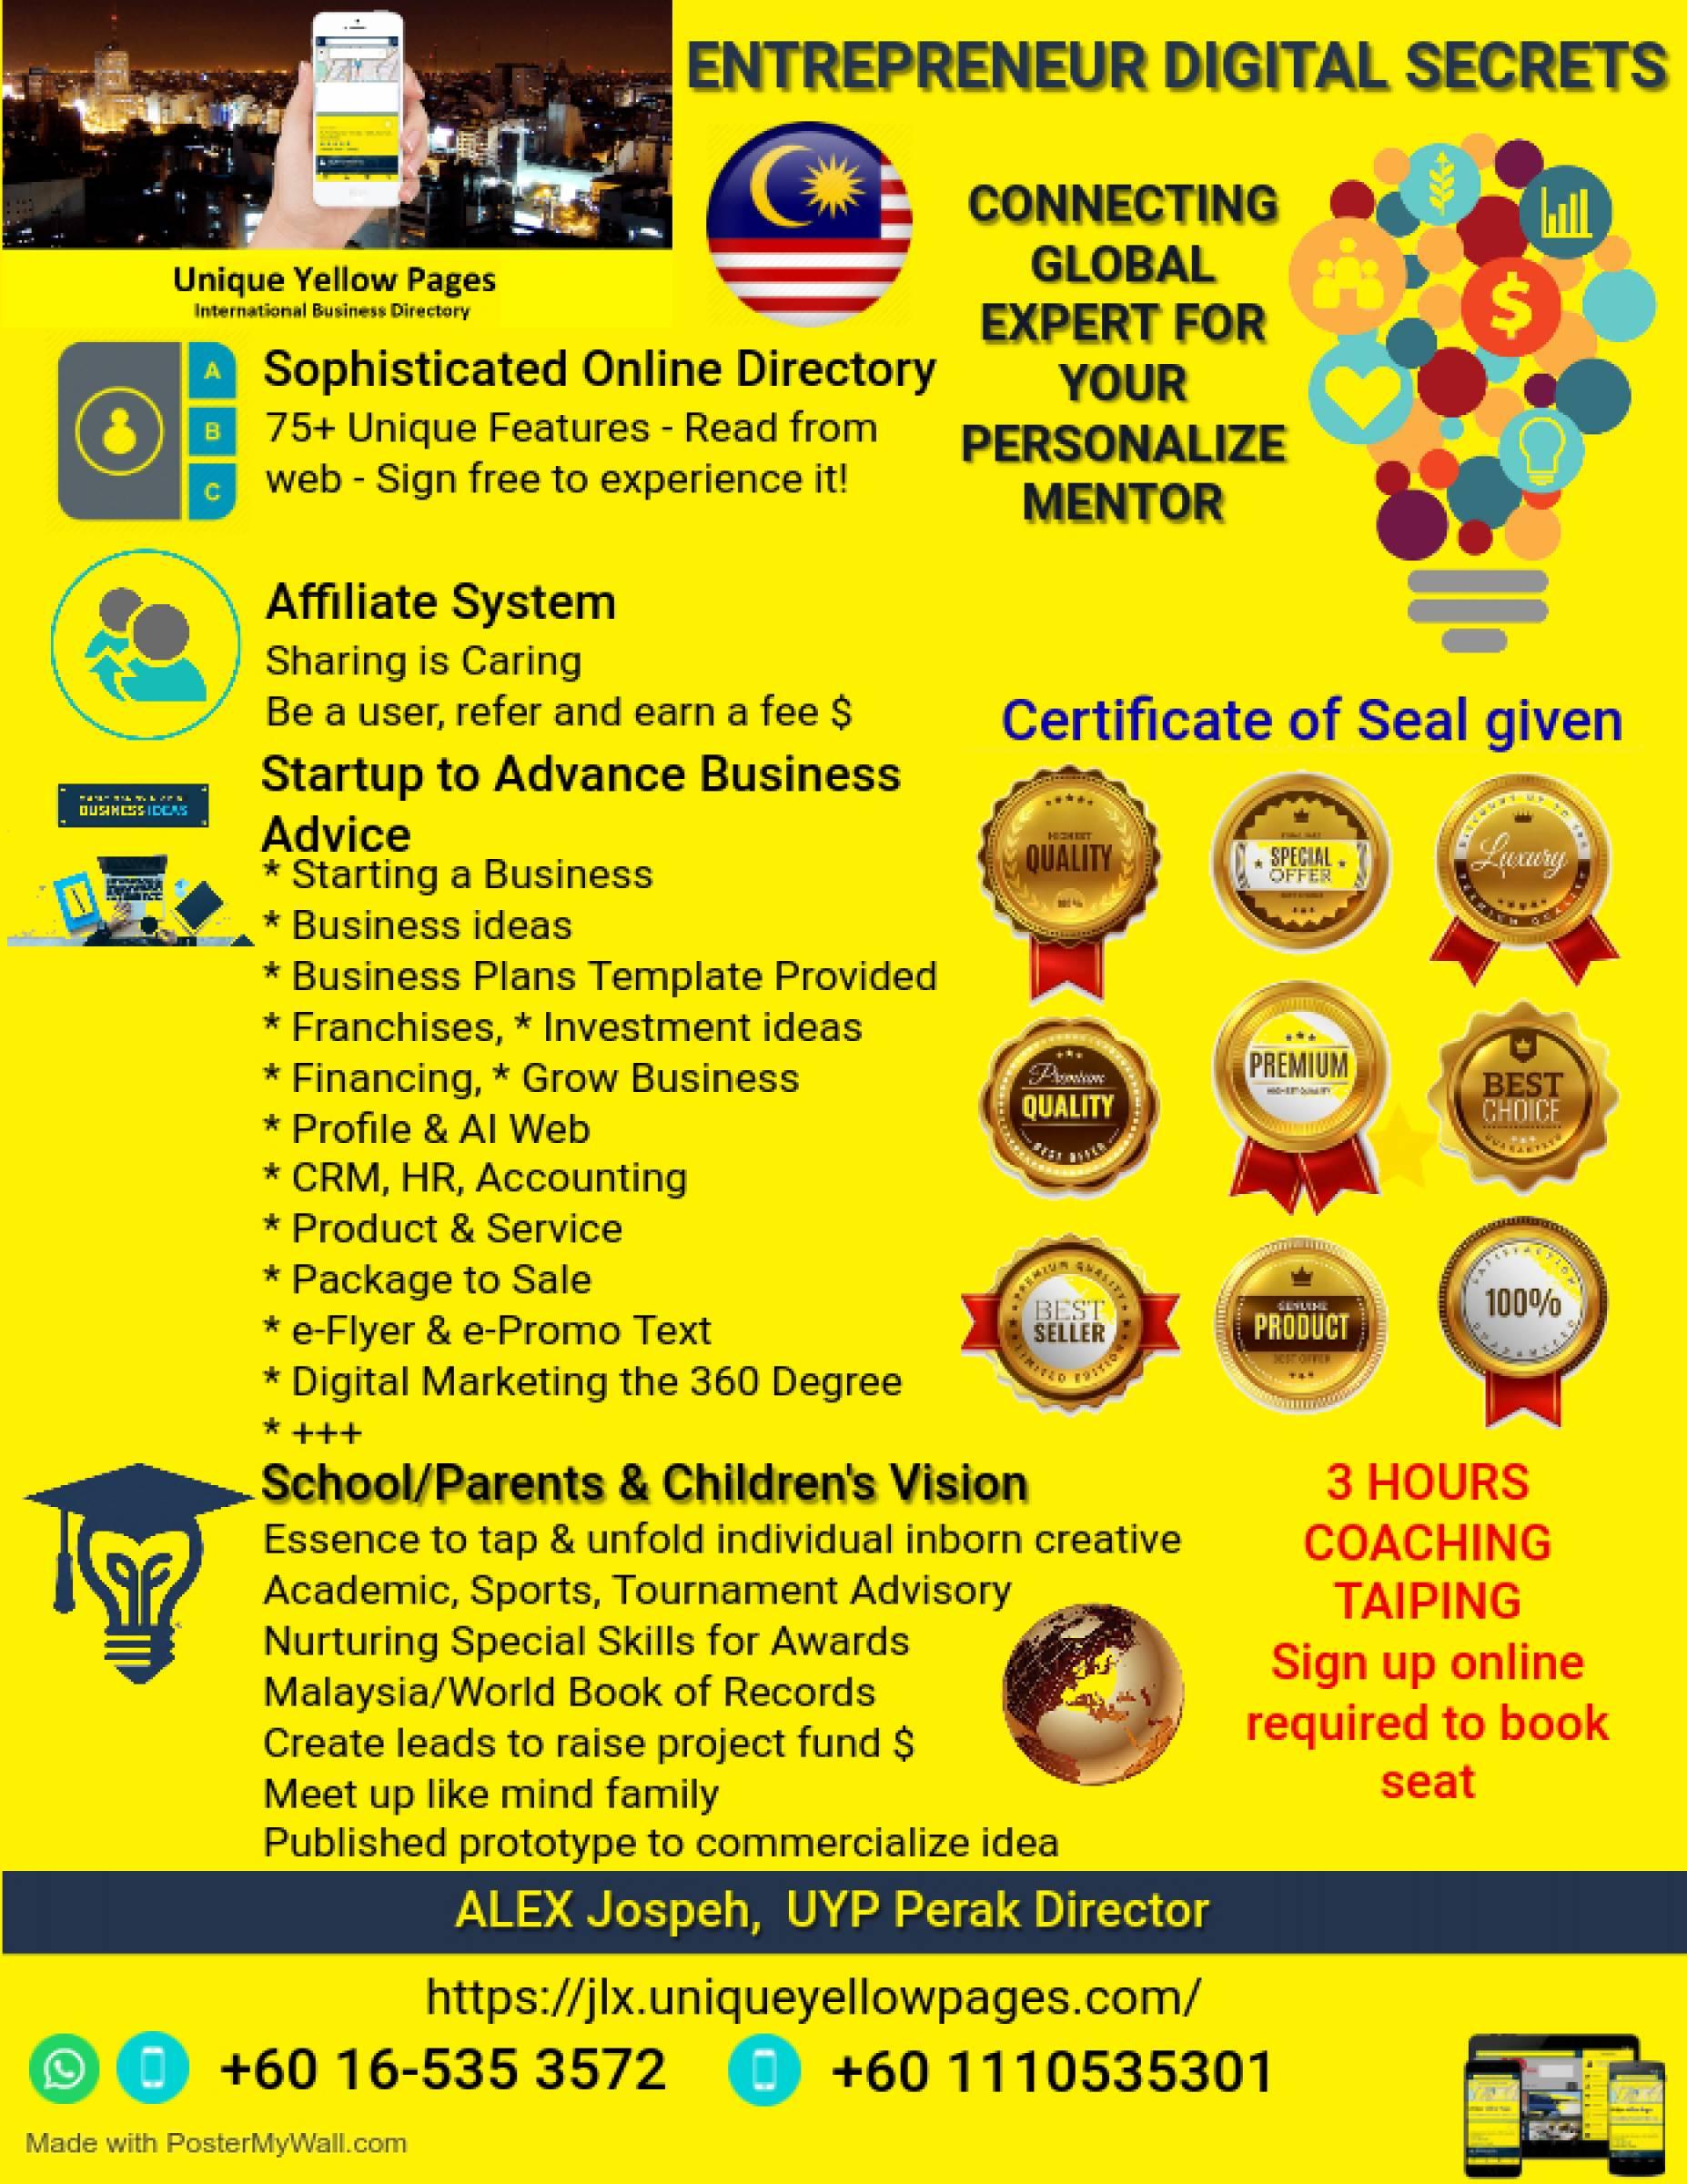 Entrepreneurs Digital Secrets (Rahsia Digital Usahawan in Taiping